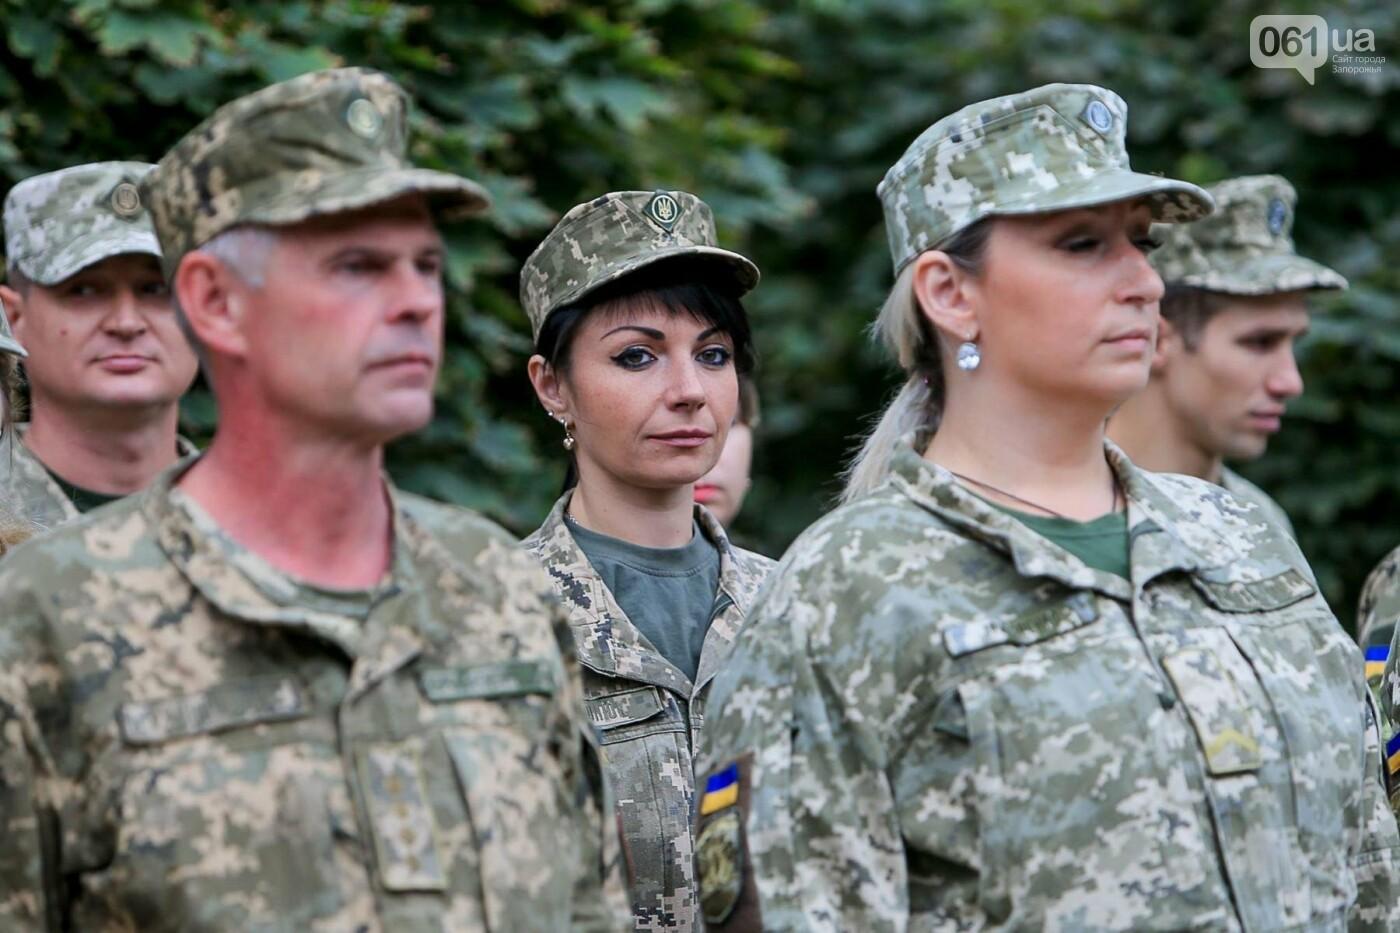 Запорожские артиллеристы получили Боевое знамя, - ФОТОФАКТ , фото-1